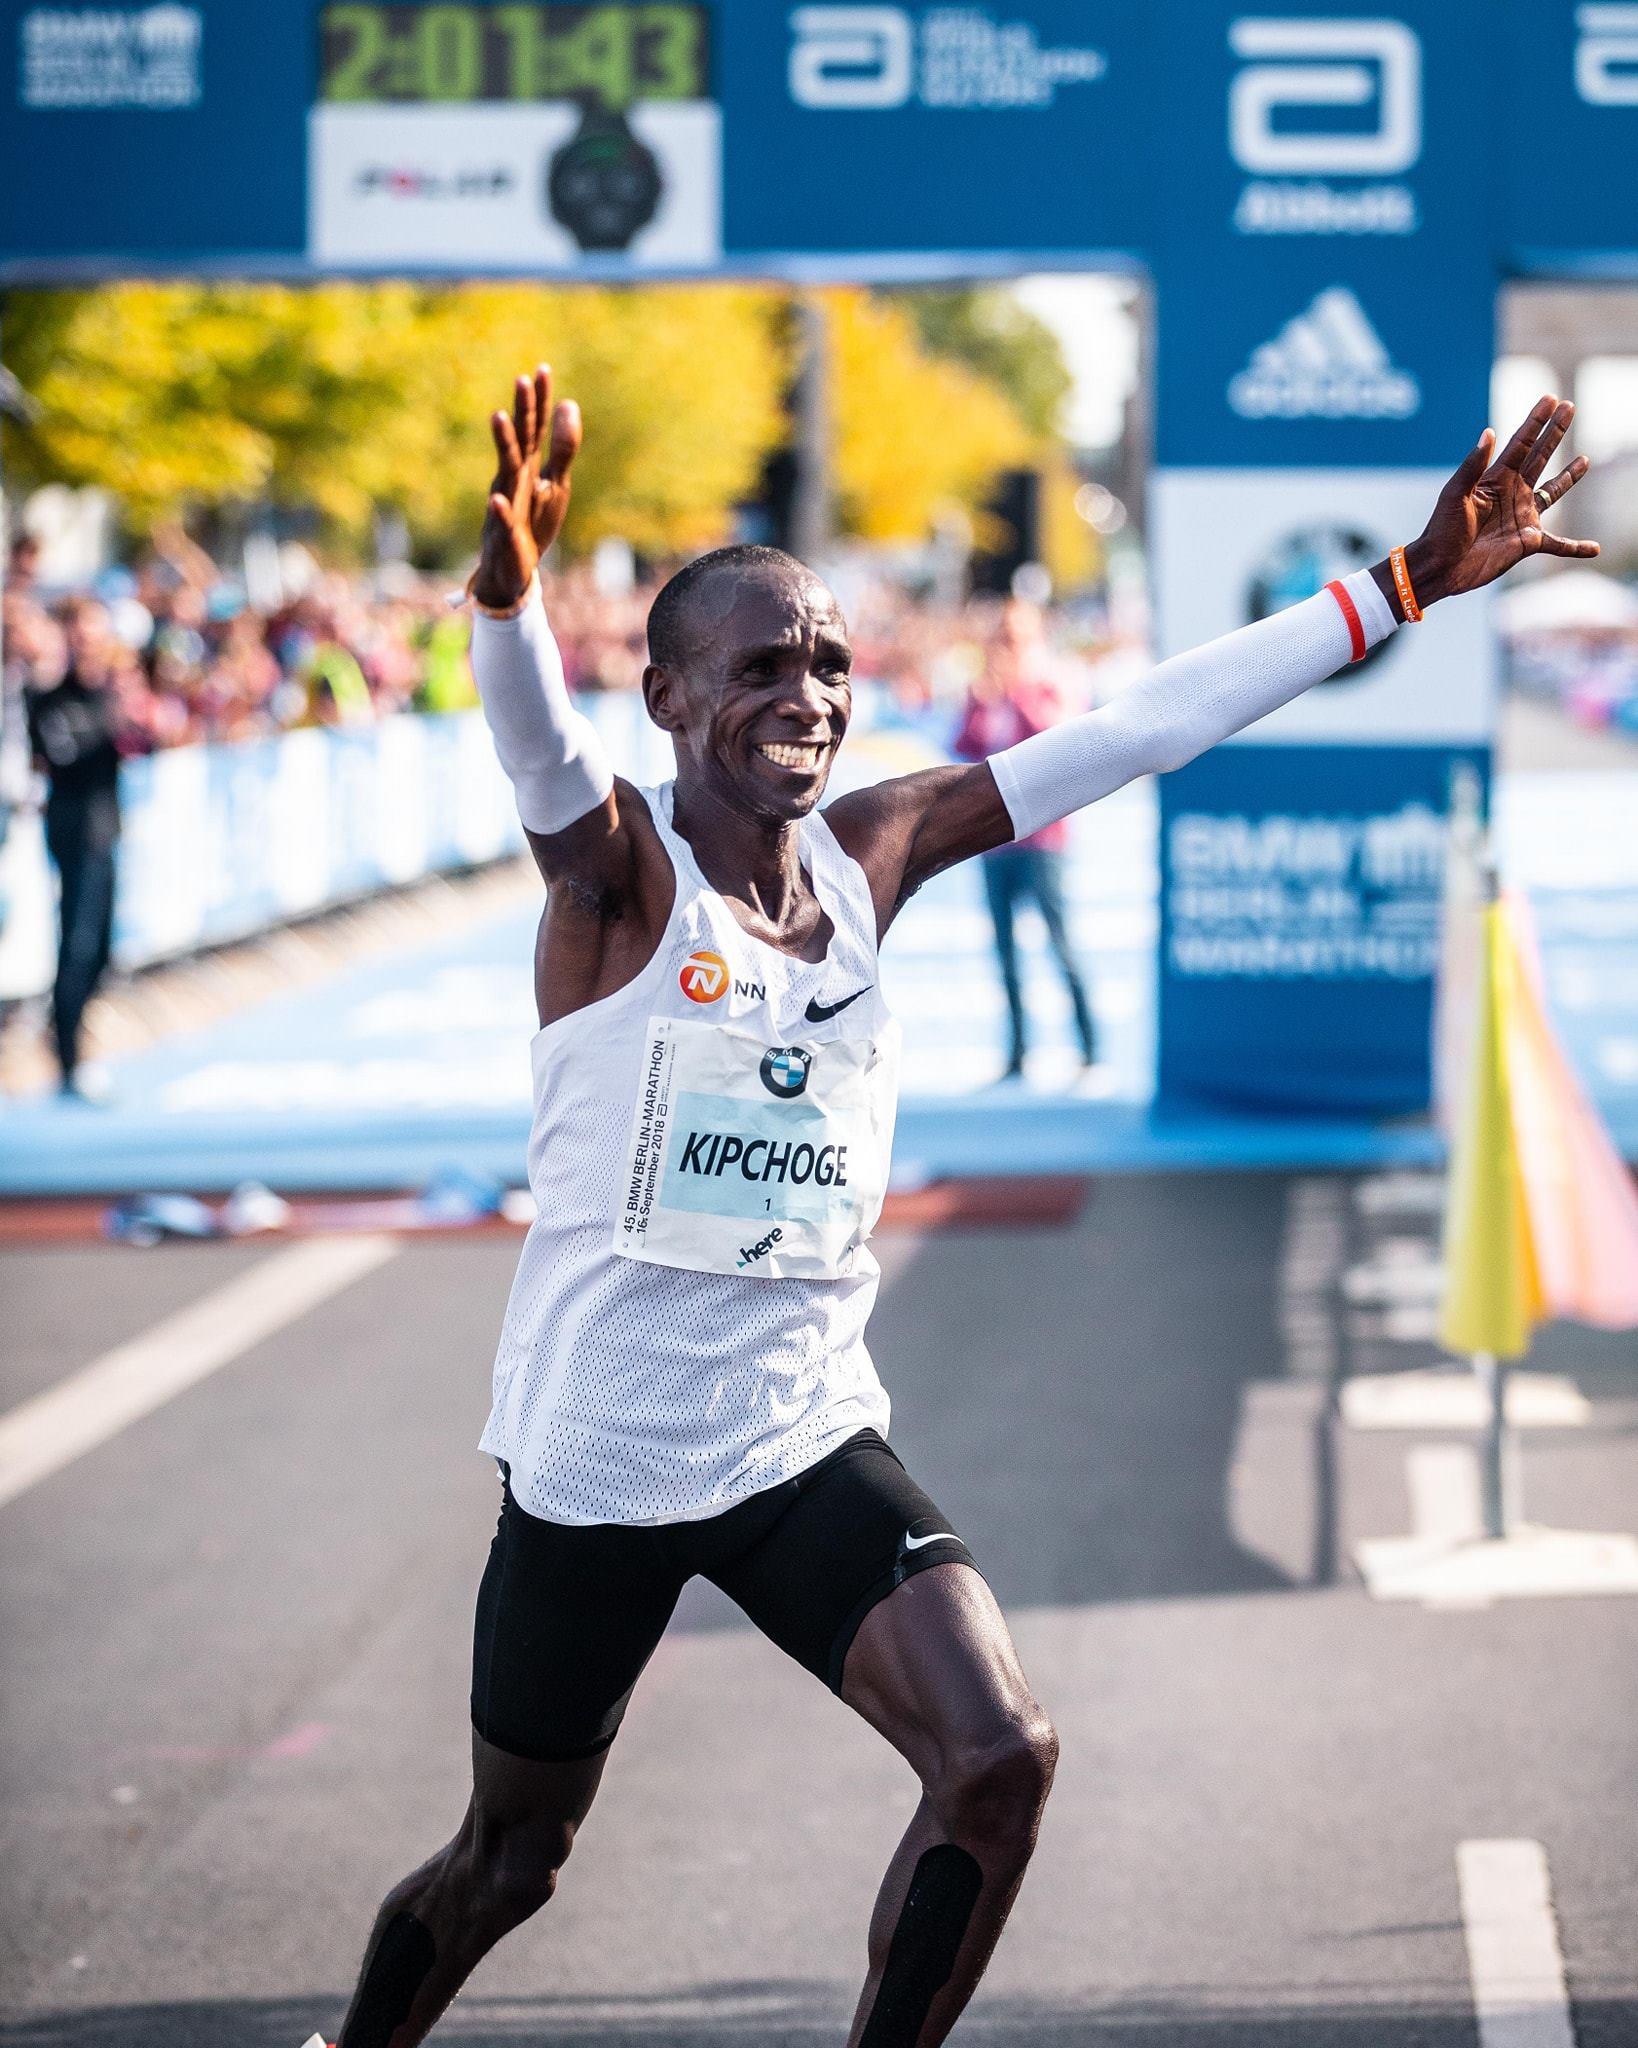 Record De Marathon Kipchoge Du À Monde BerlinEliud Au Sommet FKlT1Jc3